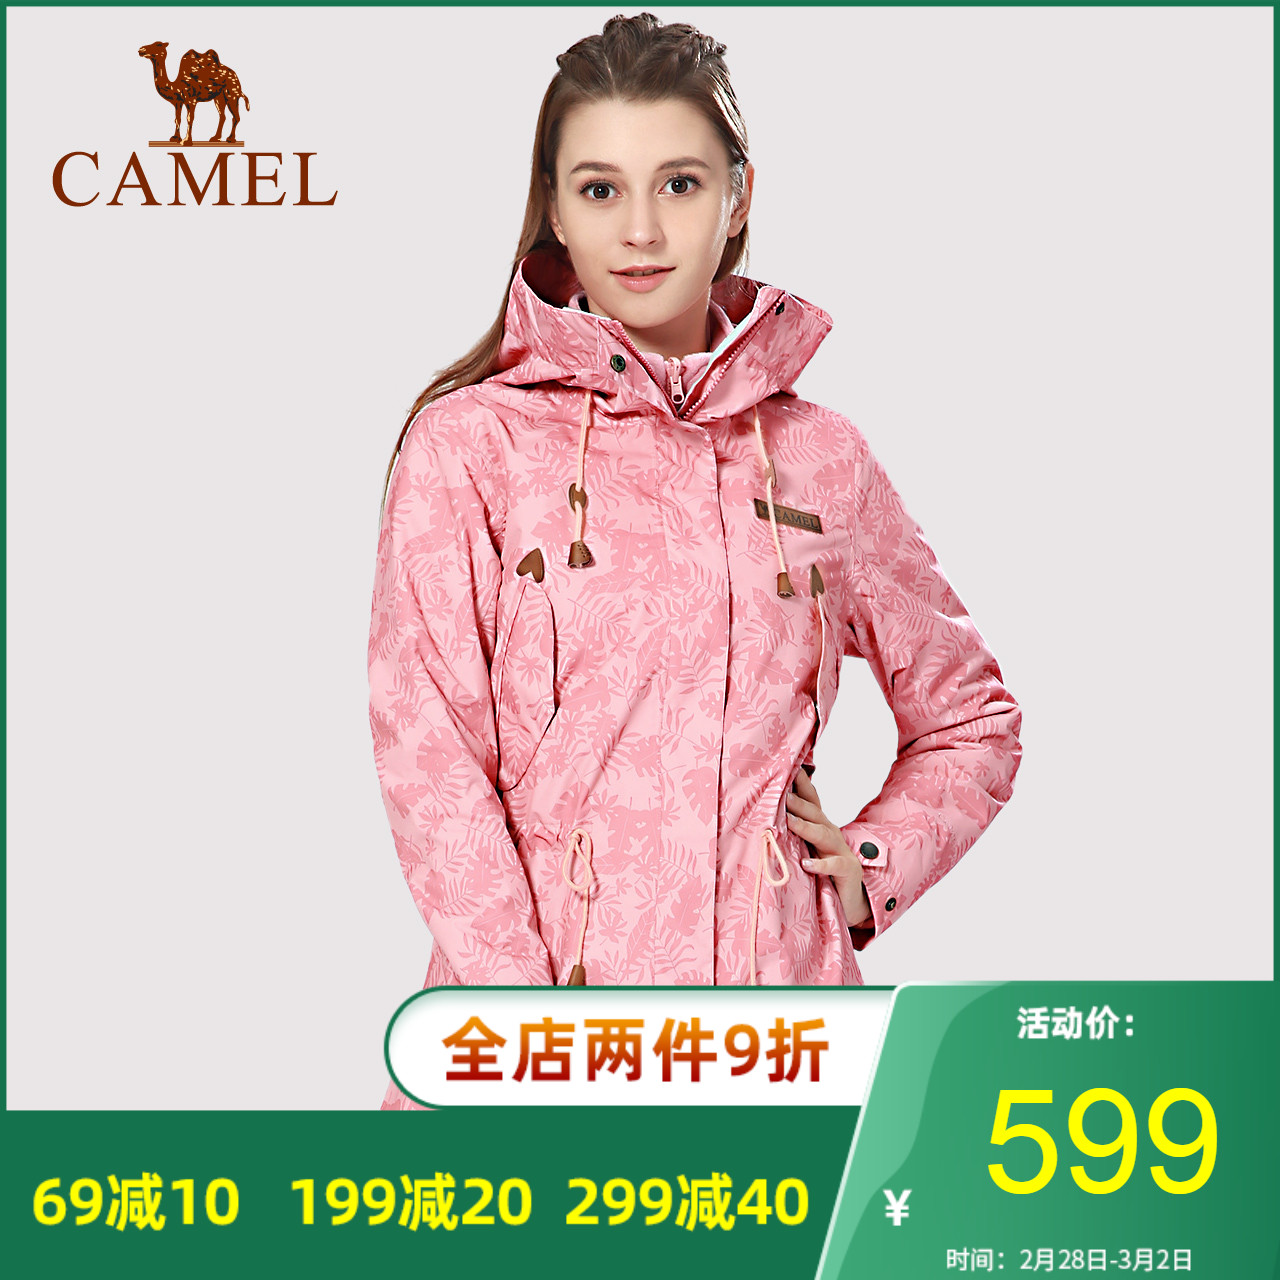 骆驼冲锋衣女士潮牌韩国三合一可拆卸加绒防风外套中长款户外服装